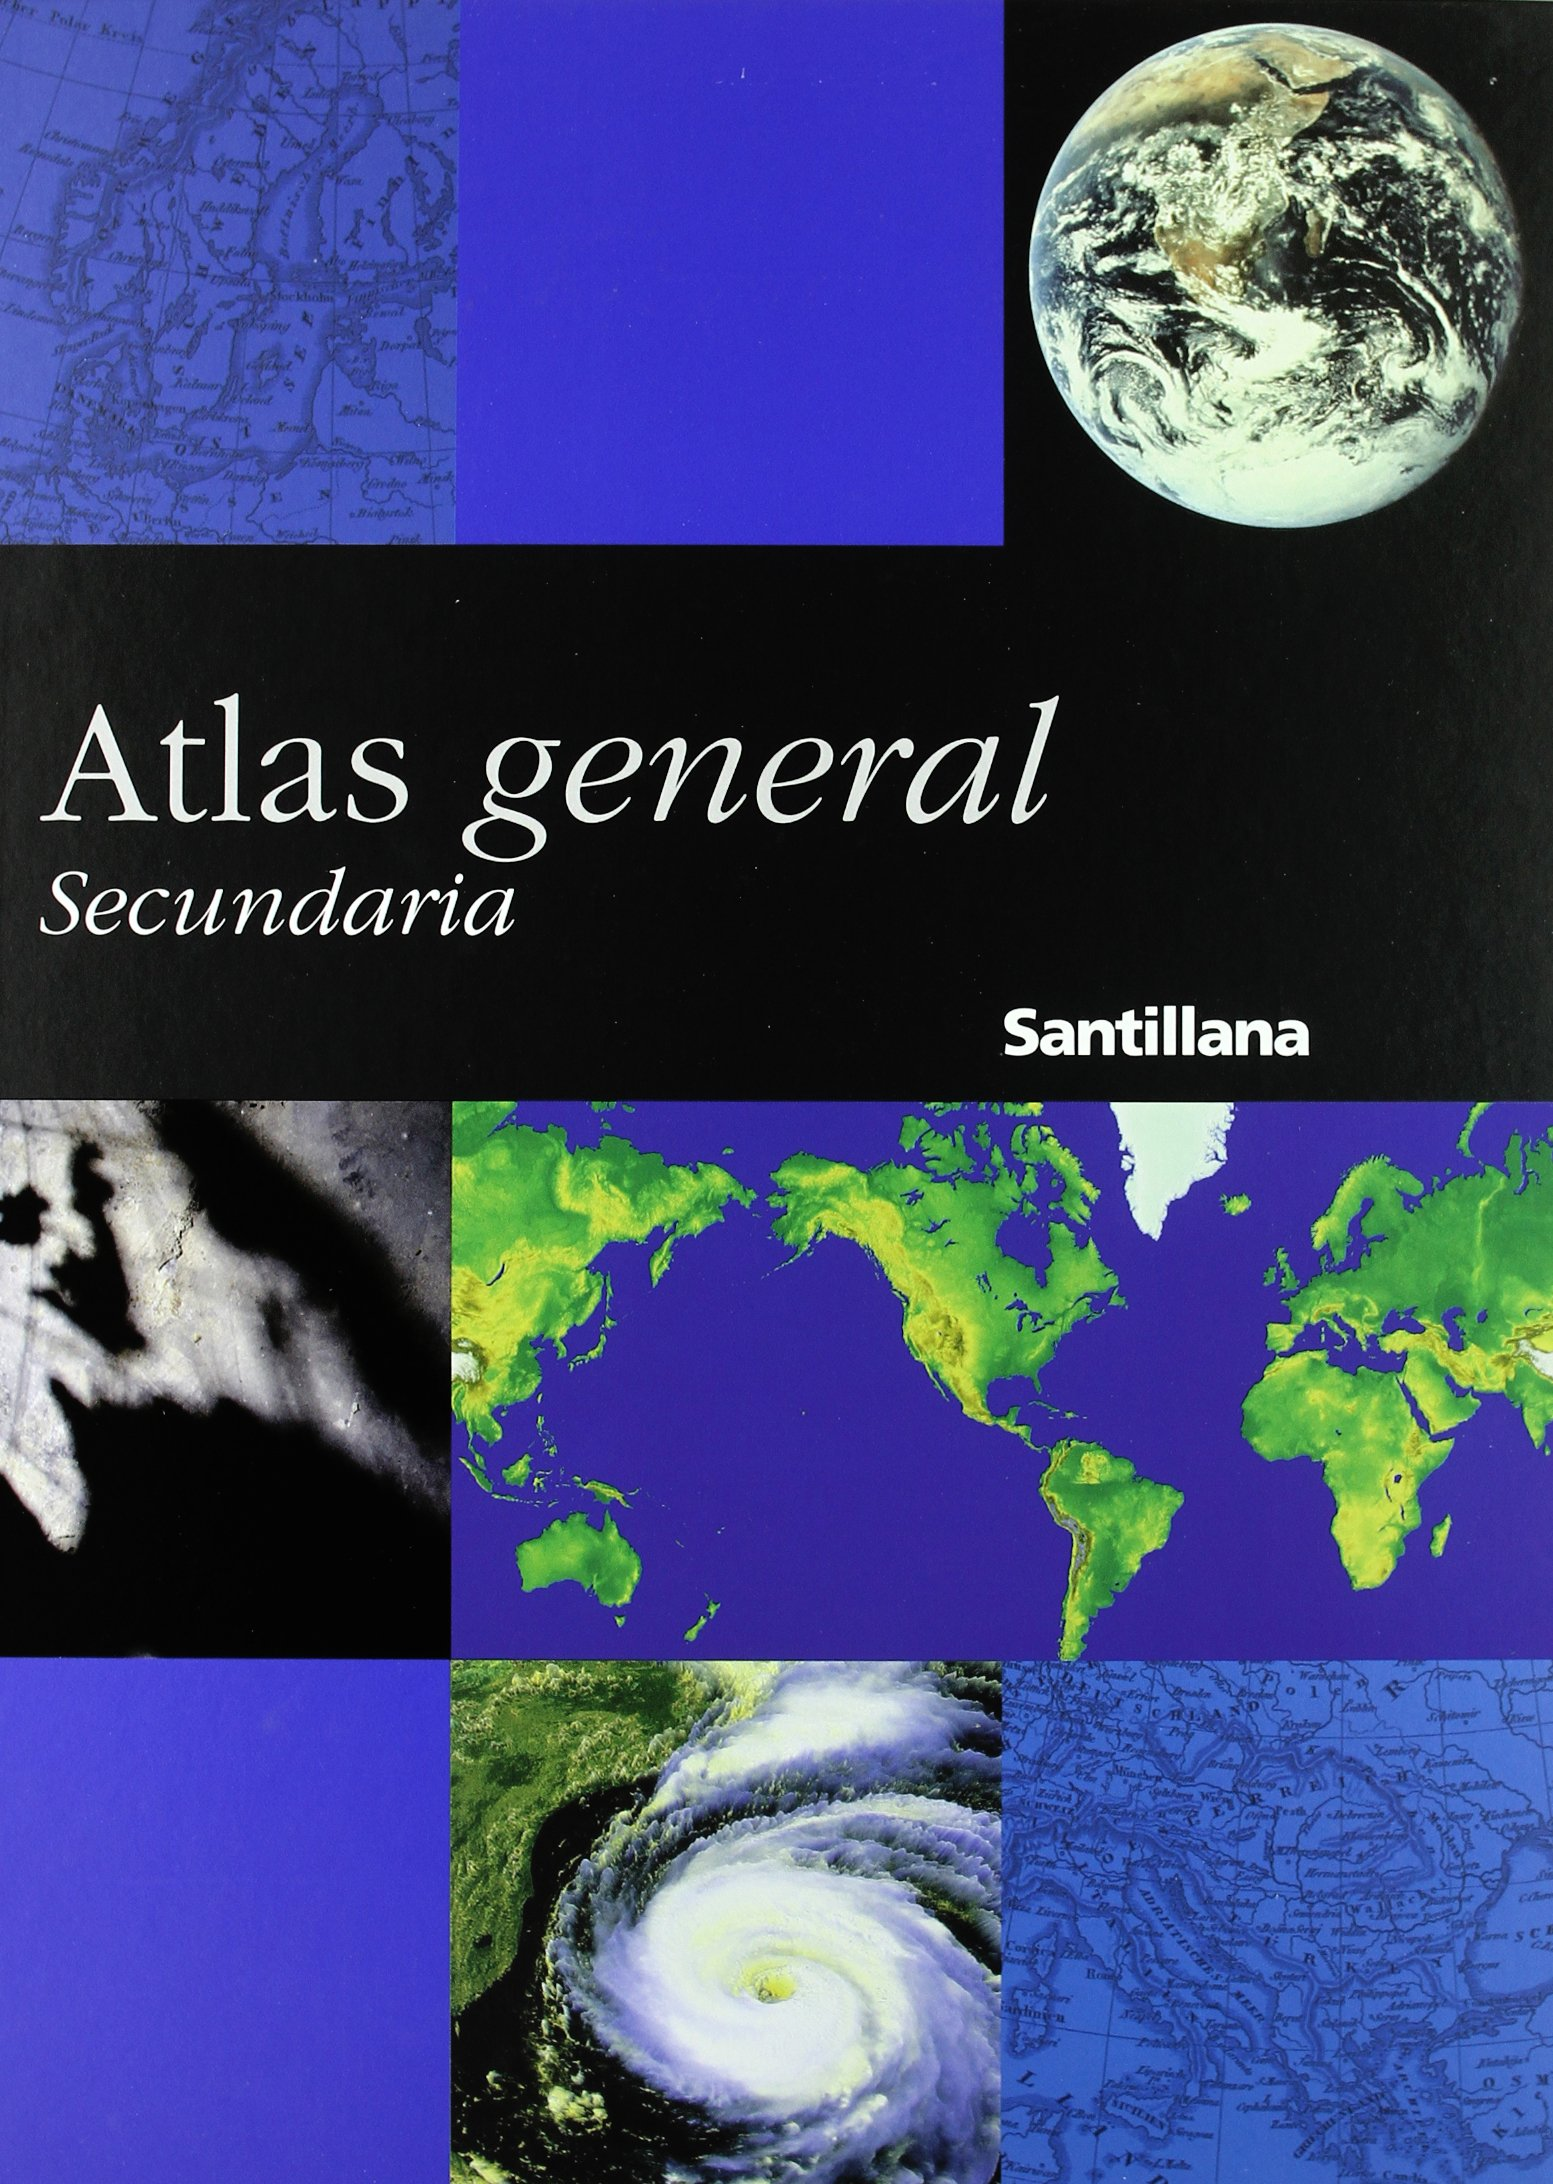 Atlas General Secundaria: Amazon.es: Santillana: Libros